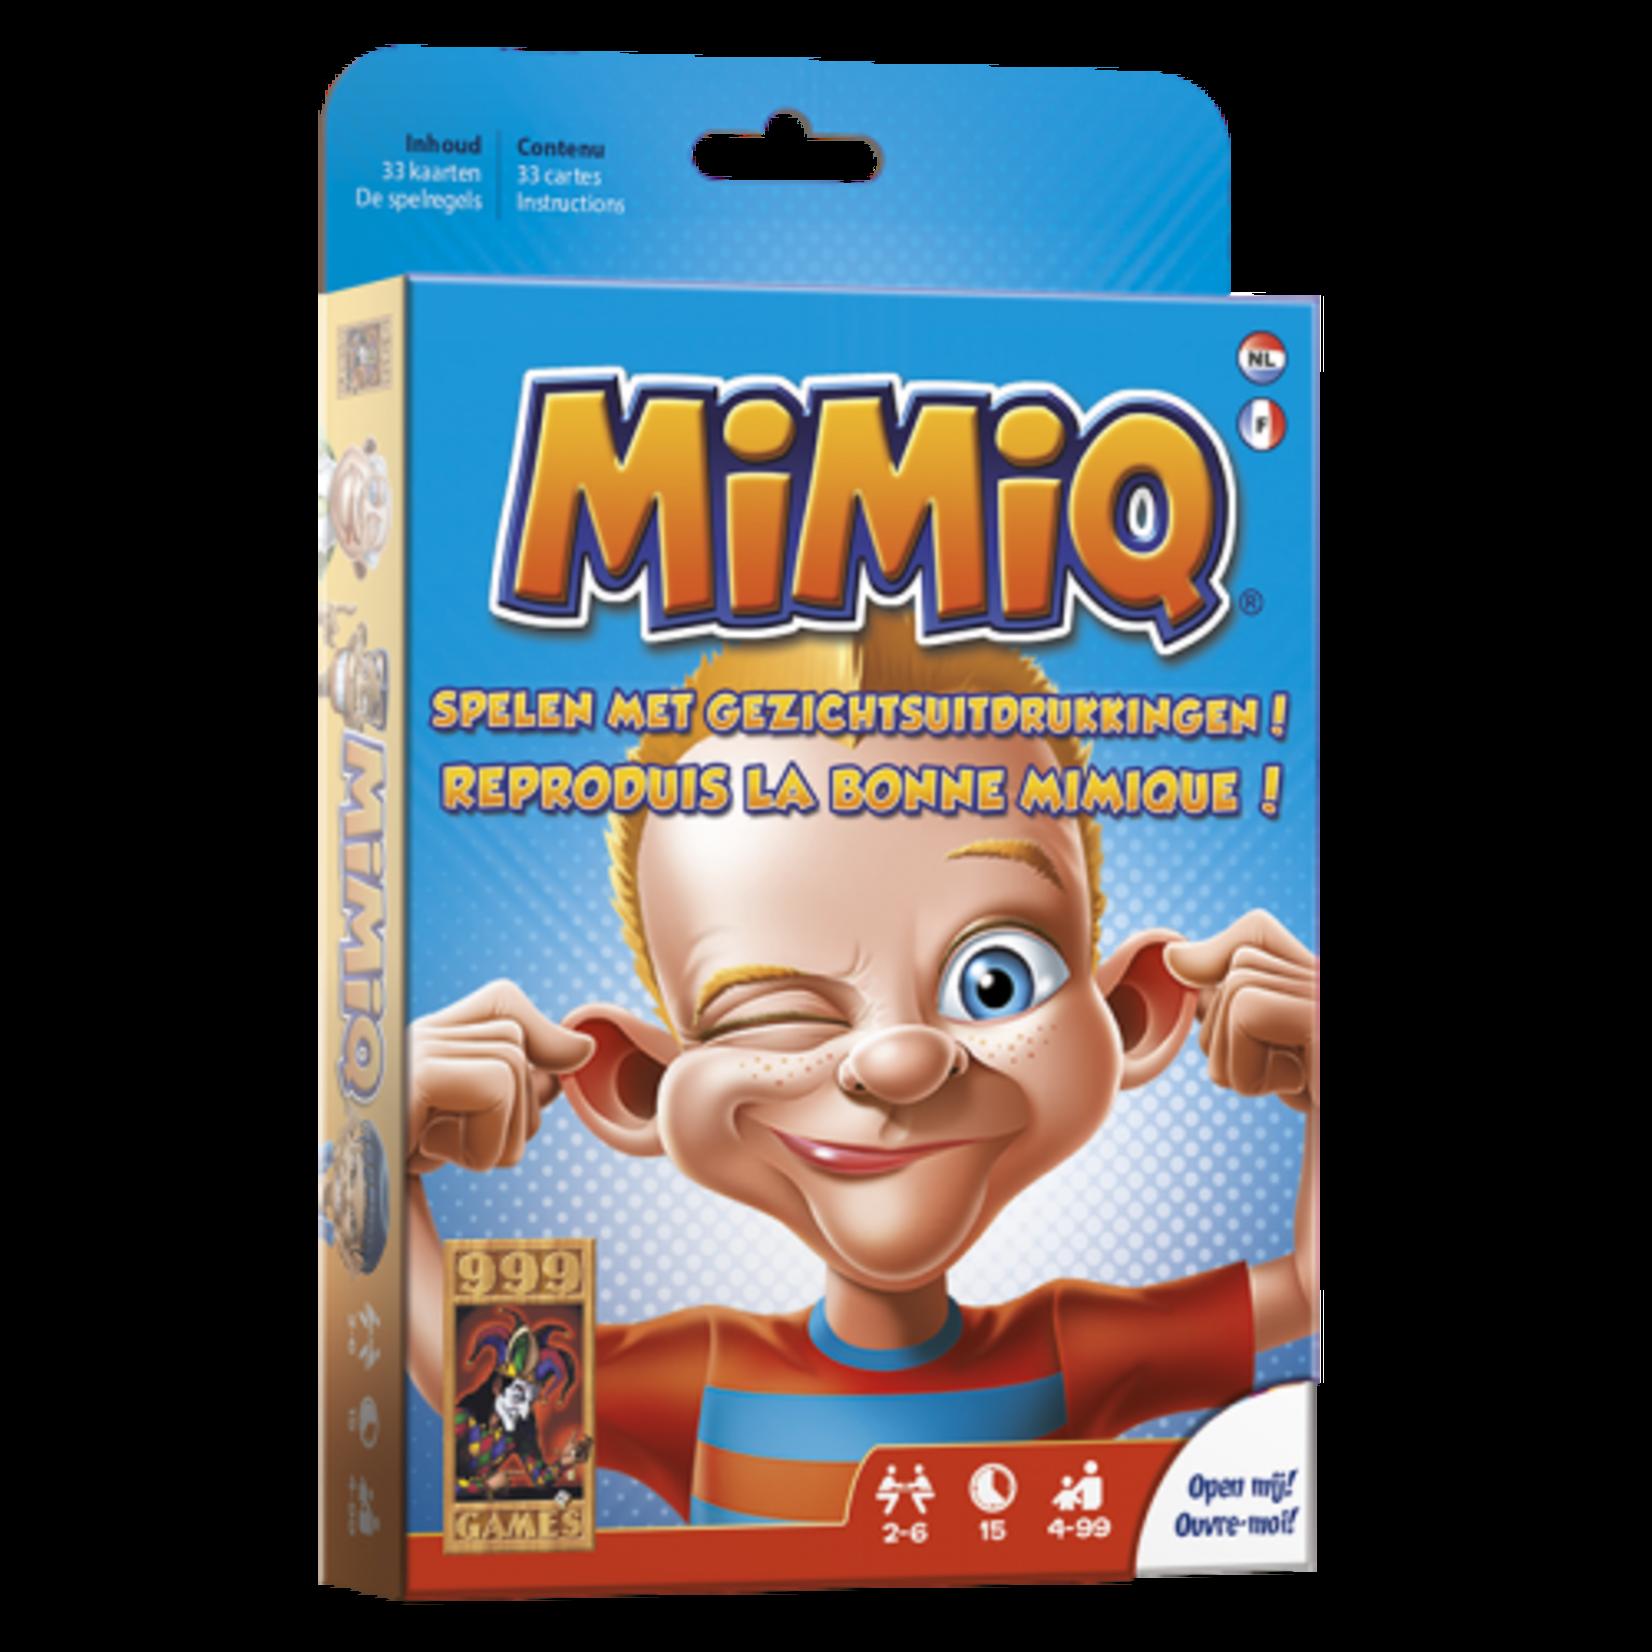 999 Games Mimiq